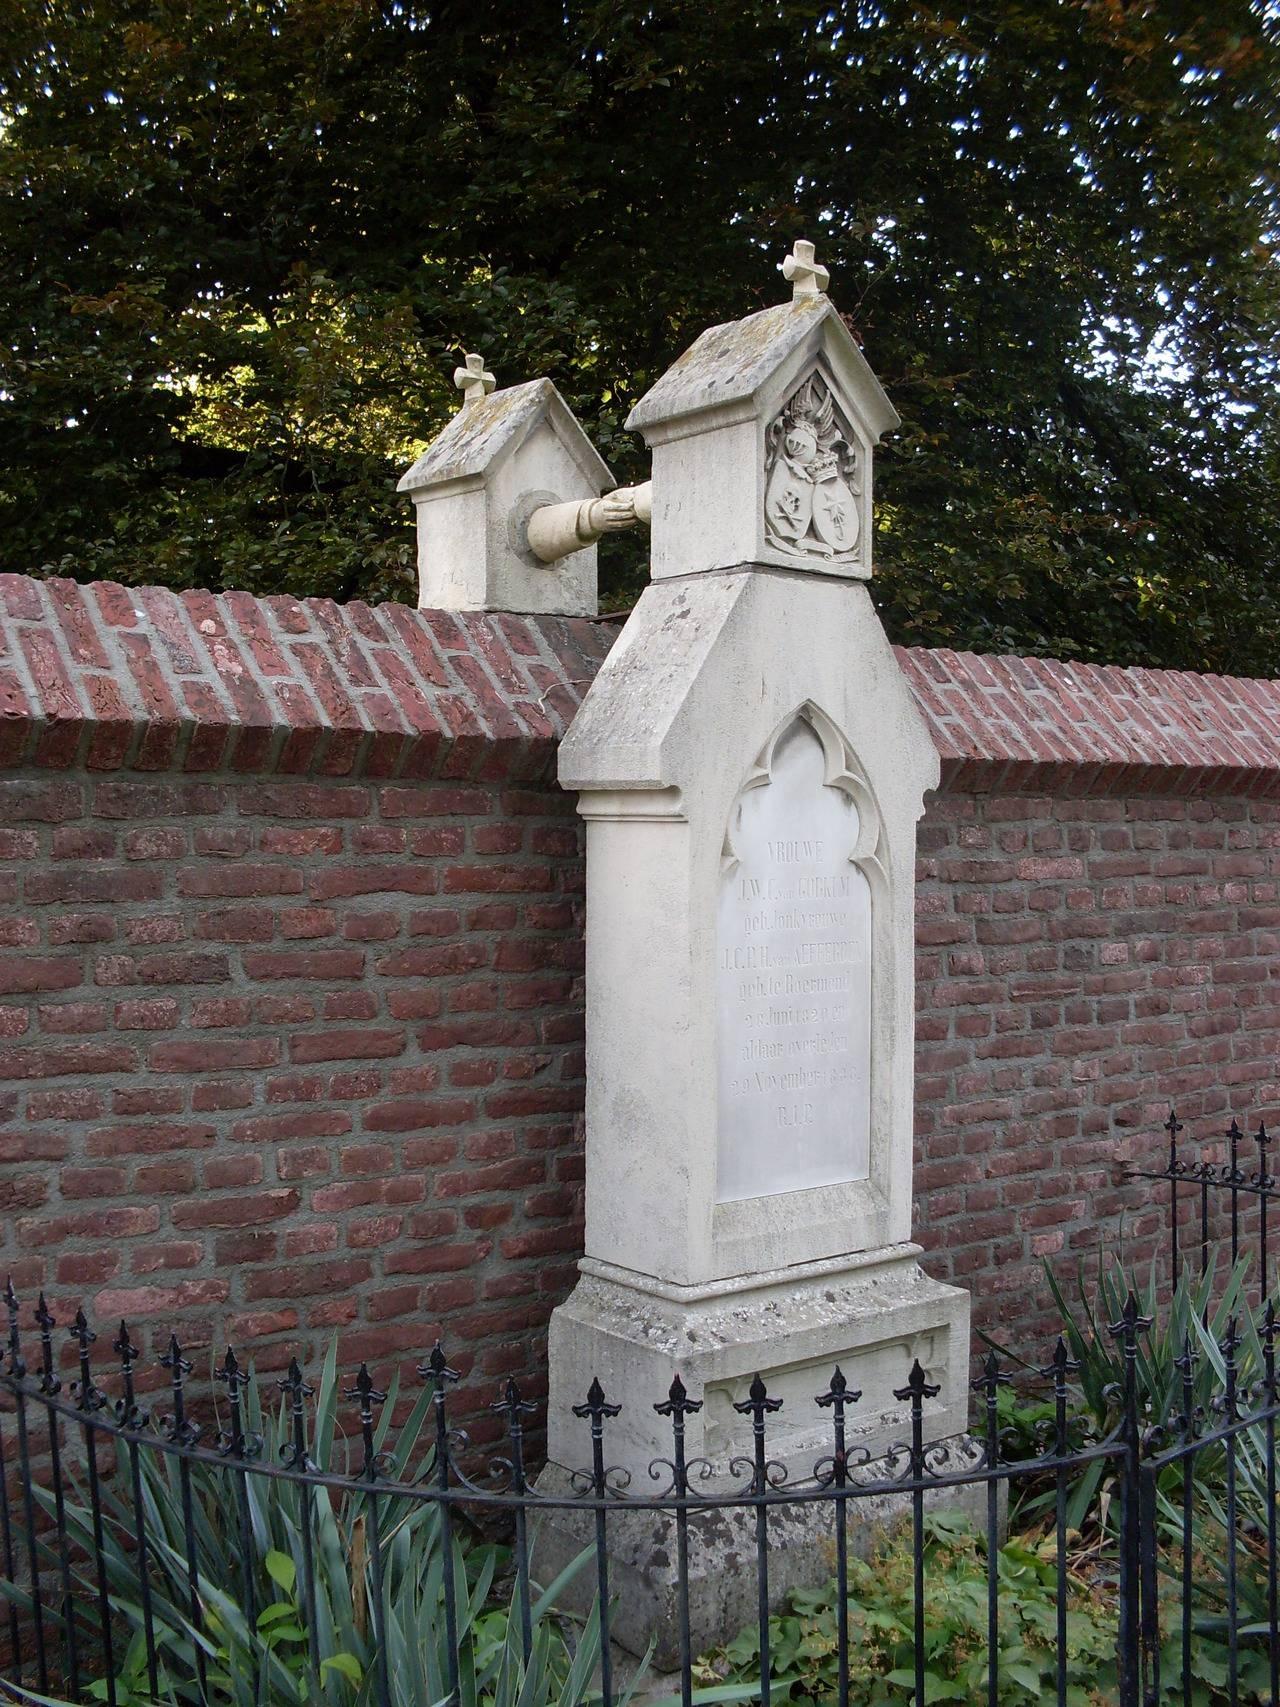 Khi tình yêu không thể chia cắt, thì dù cho mỗi người đều được chôn cất ở hai nghĩa trang khác nhau, thì vẫn có thể ở bên cạnh nhau. Đây chính là cách mà hai ngôi mộ của một người theo đạo Tin Lành và một theo đạo Công giáo được chôn cất cạnh bên nhau.